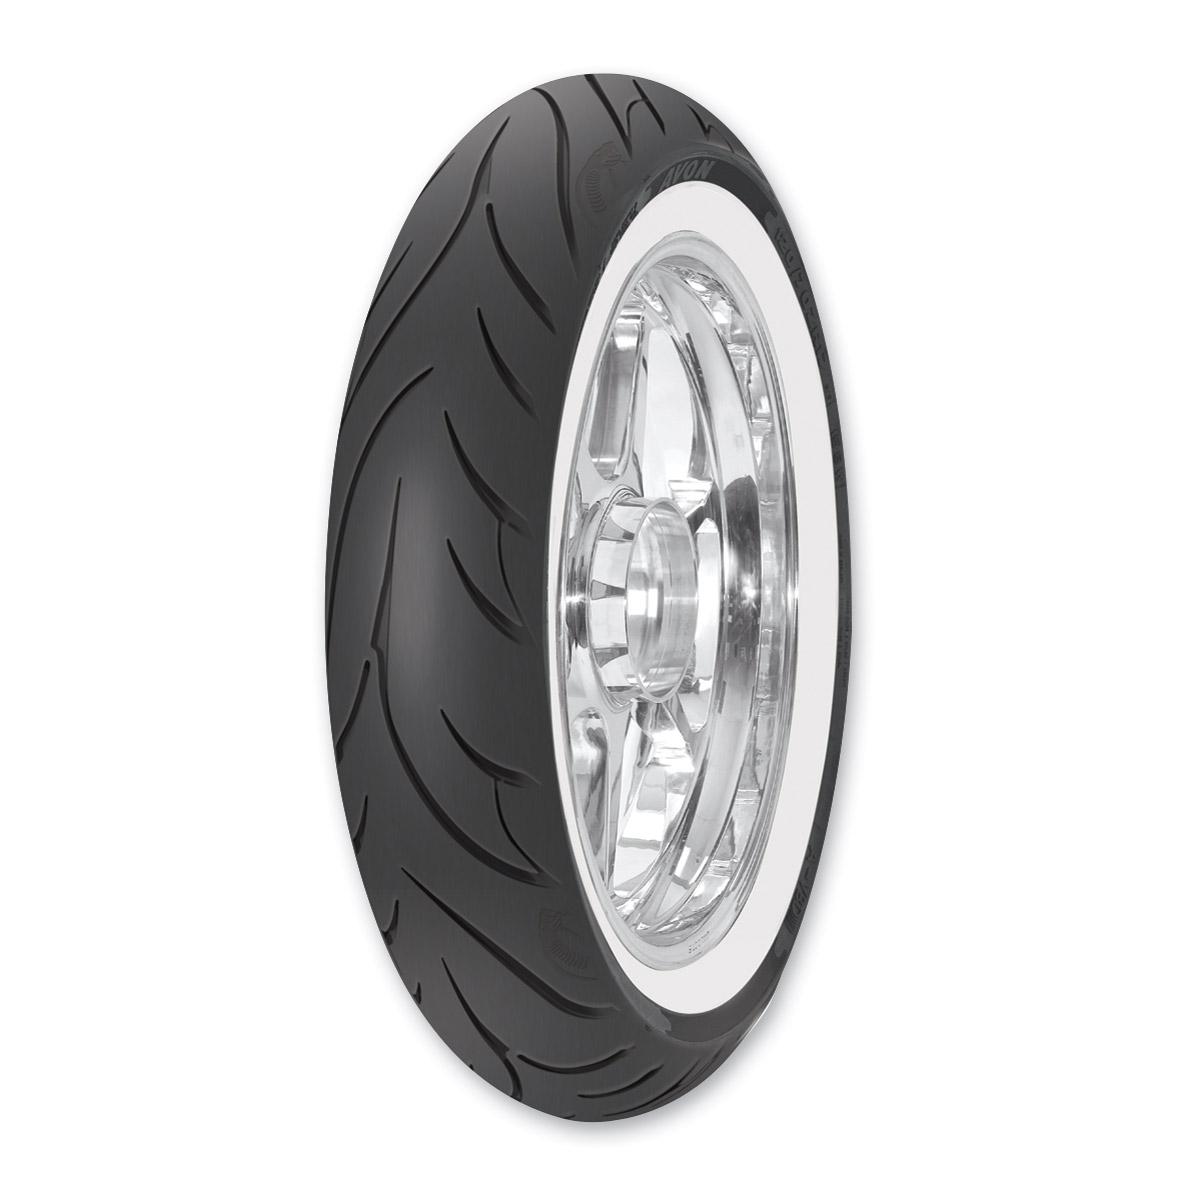 avon av71 cobra mh9021 wide whitewall front tire